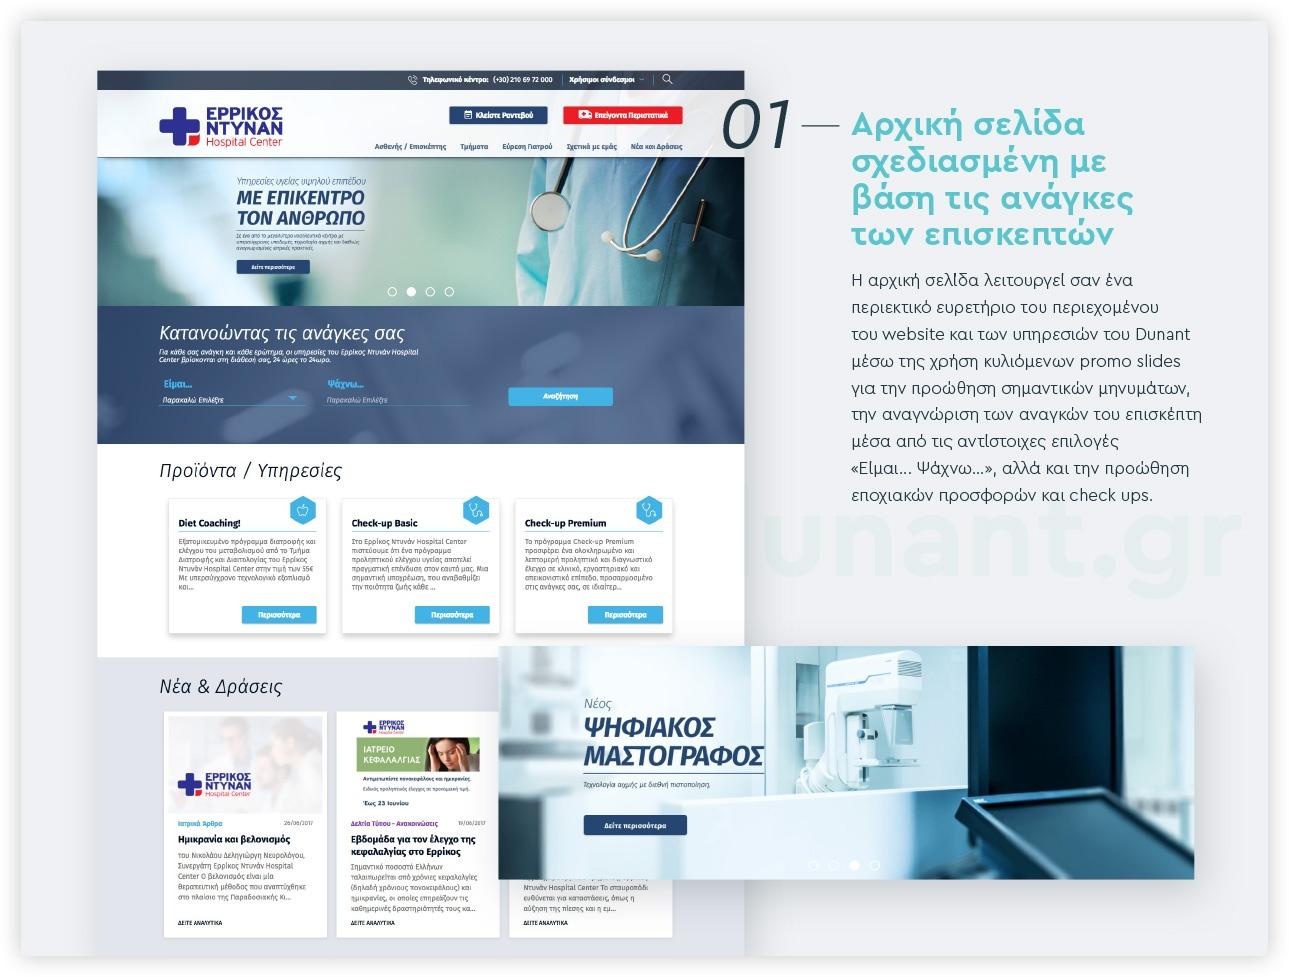 Επιτυχημένο ιατρικό site - Παράδειγμα 2